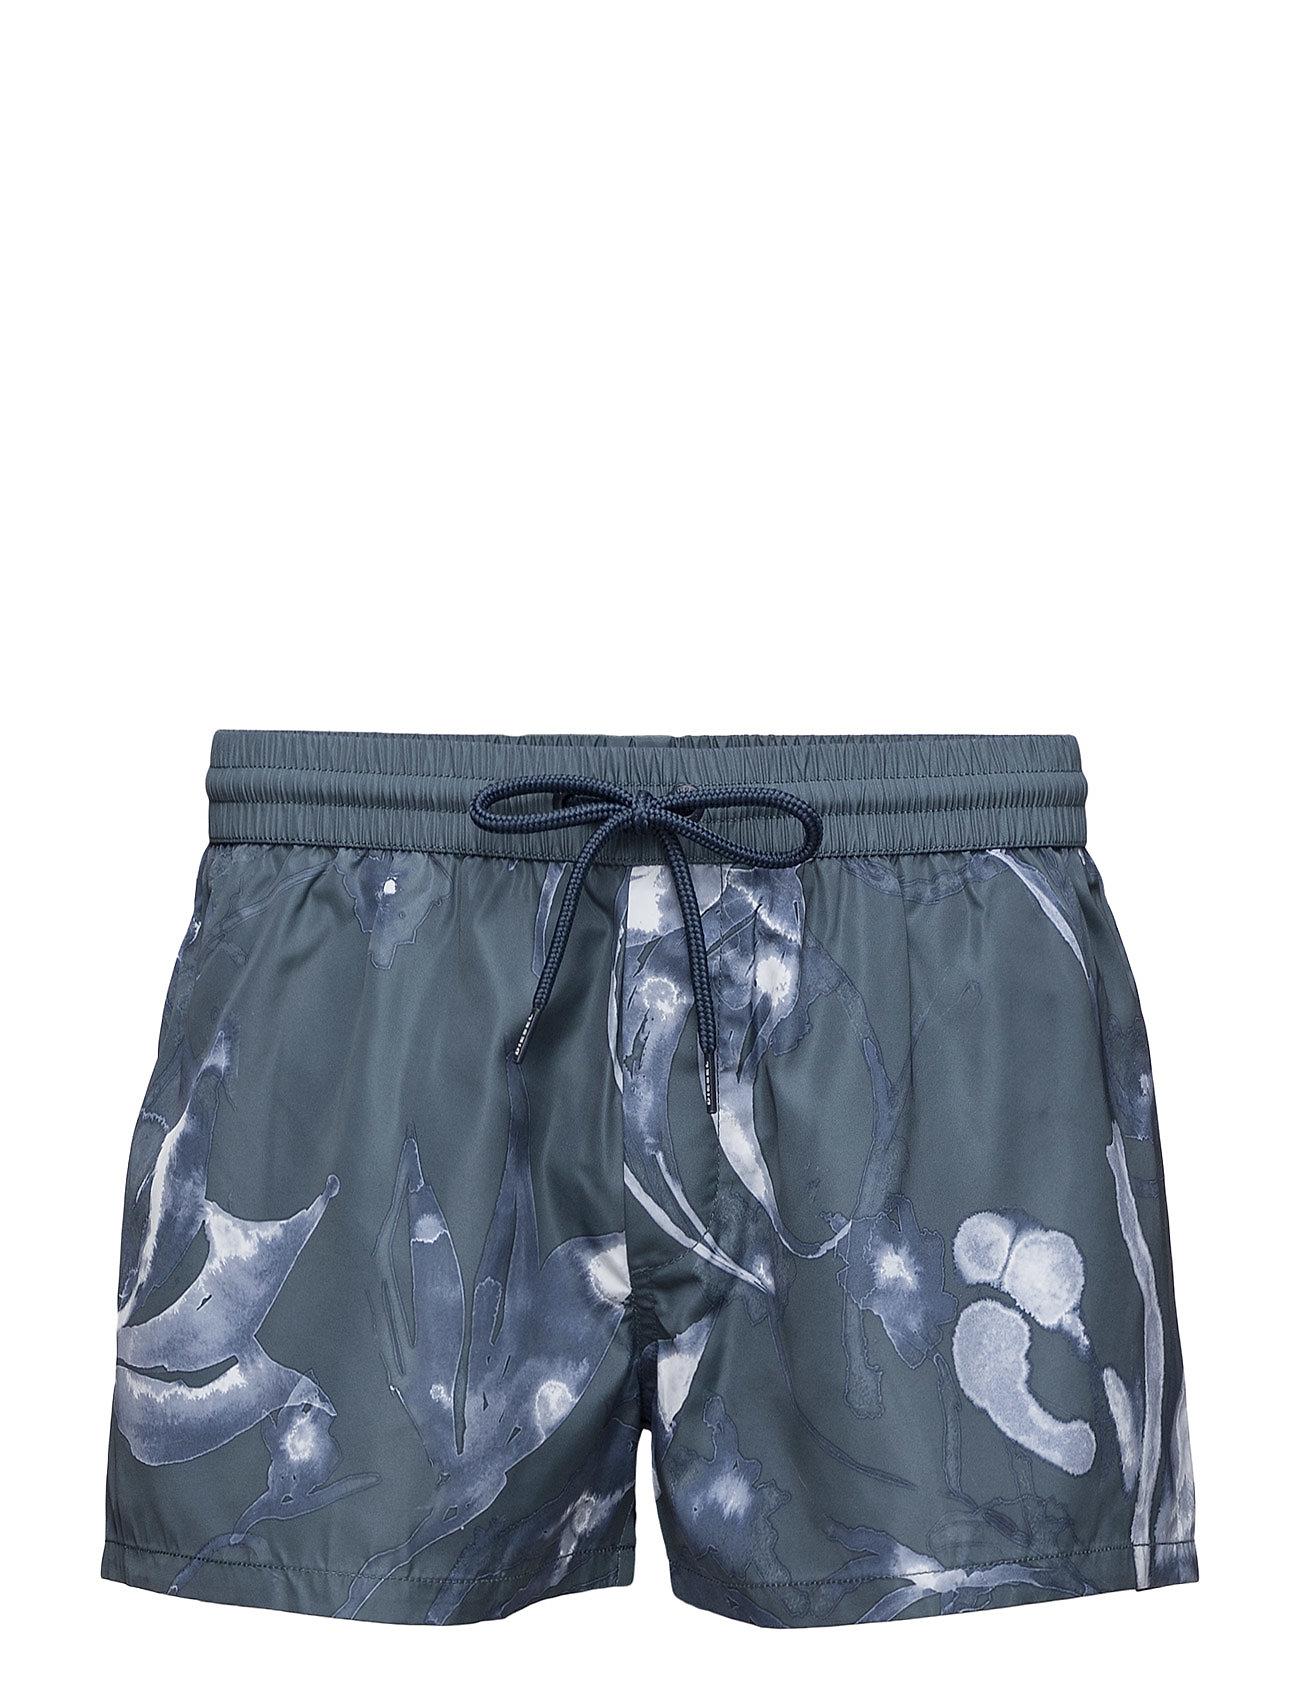 Bmbx-Sandy-E Shorts Diesel Men Badetøj til Mænd i